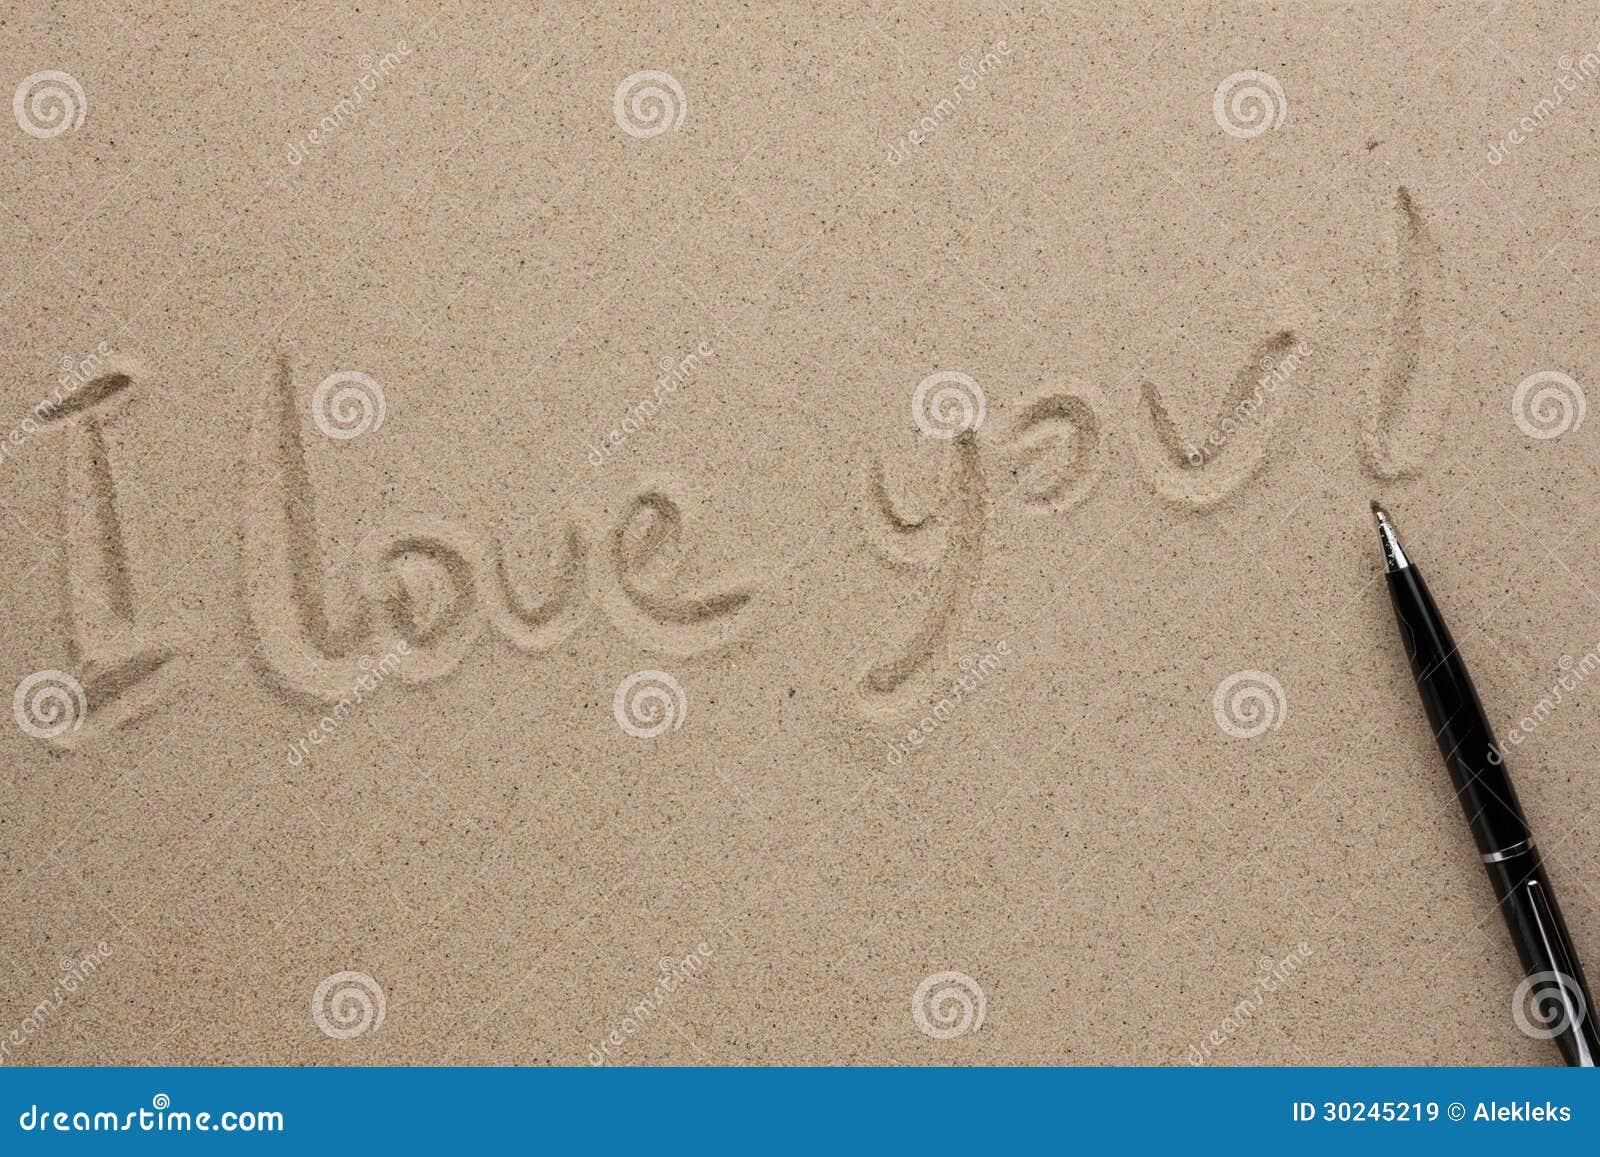 Amor Escrito En Arena: Te Amo Escrito En Pluma En La Arena Imágenes De Archivo